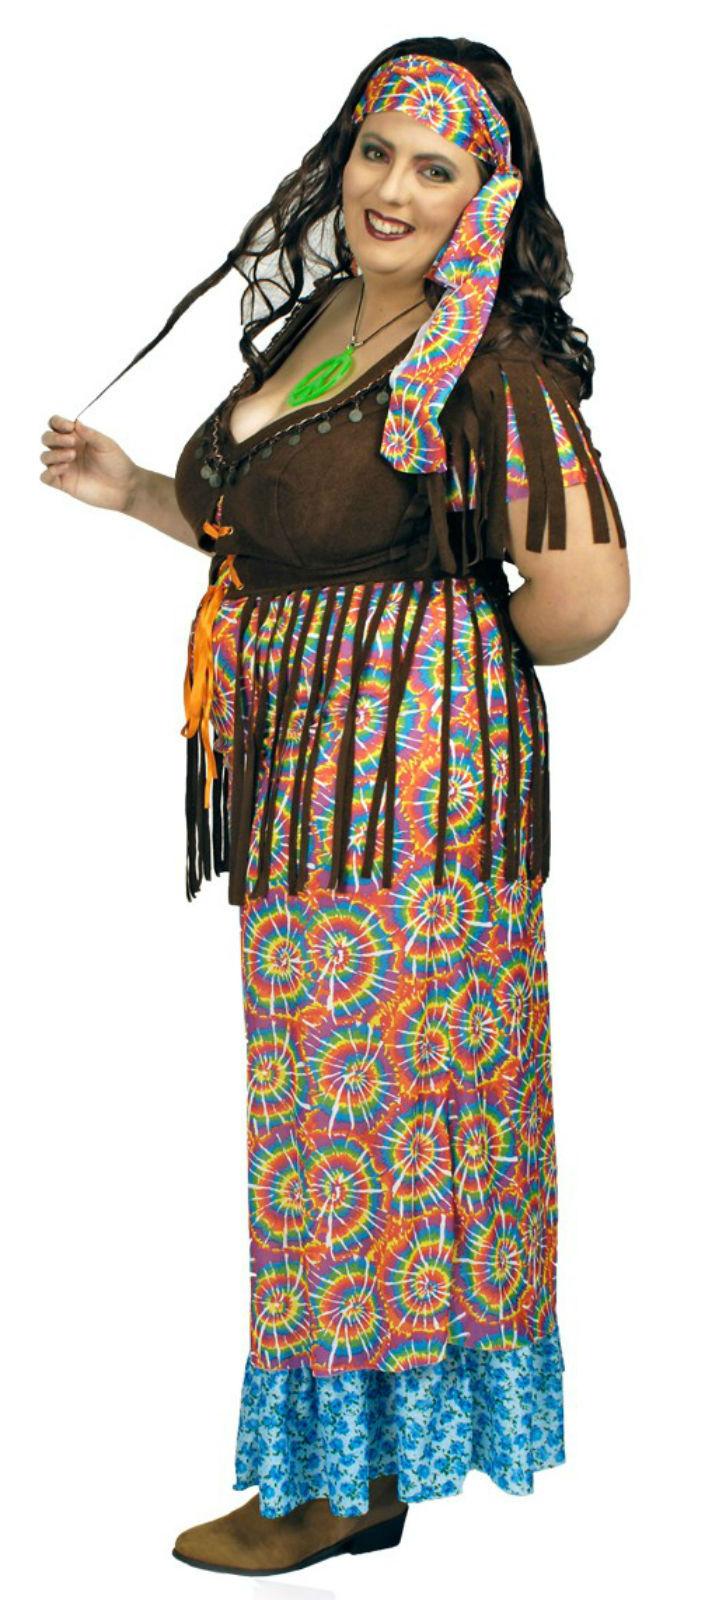 289d8a4bbb1 Kostüm langes Hippie Kleid Wahrsagerin große Größen 2tlg. Karneval Fasching  – Bild 2